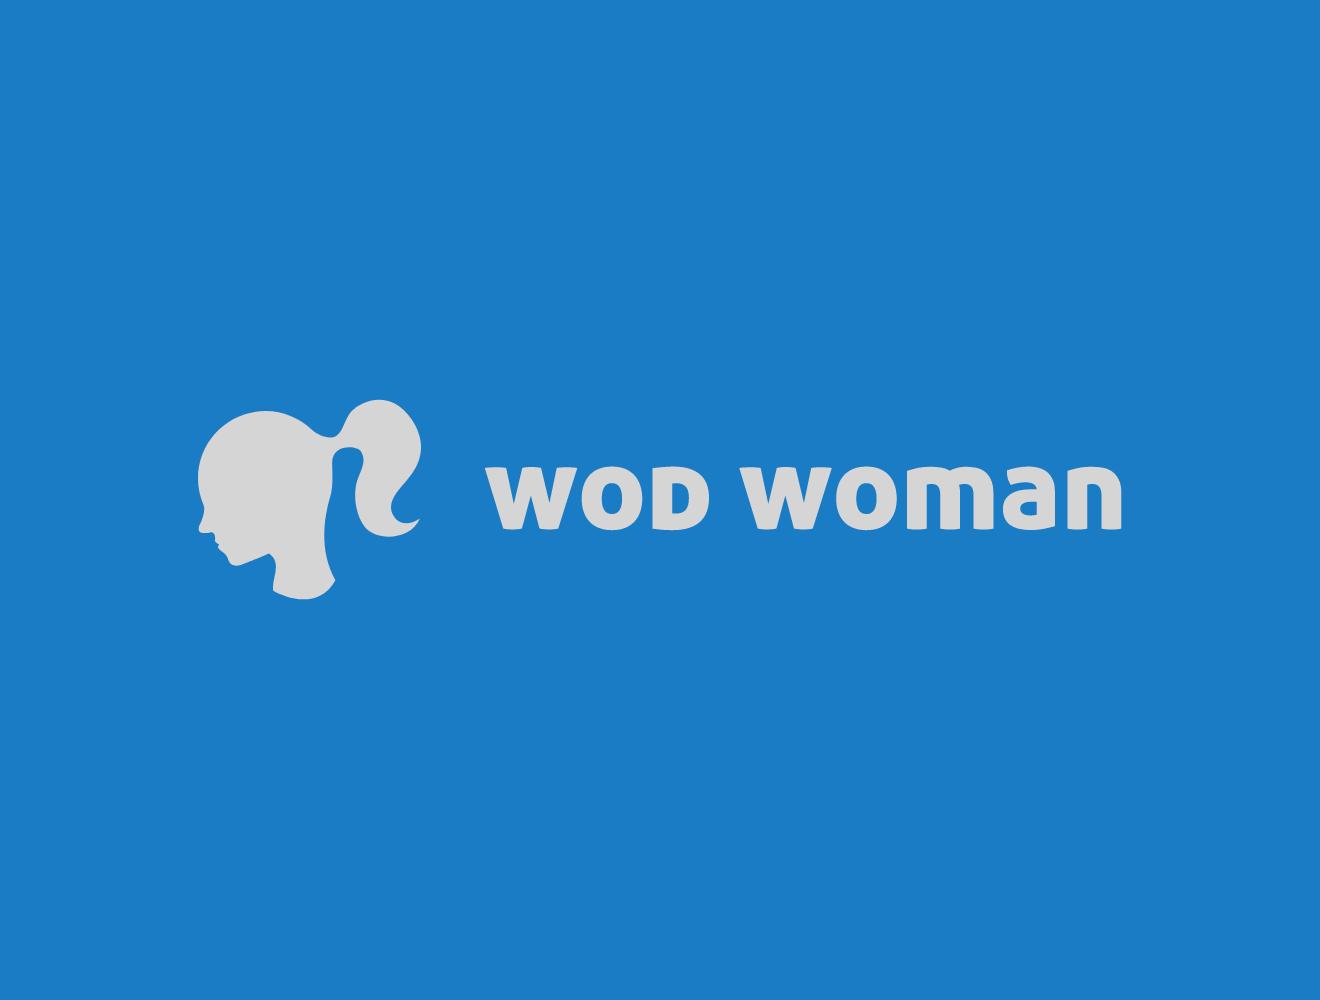 Wod Woman